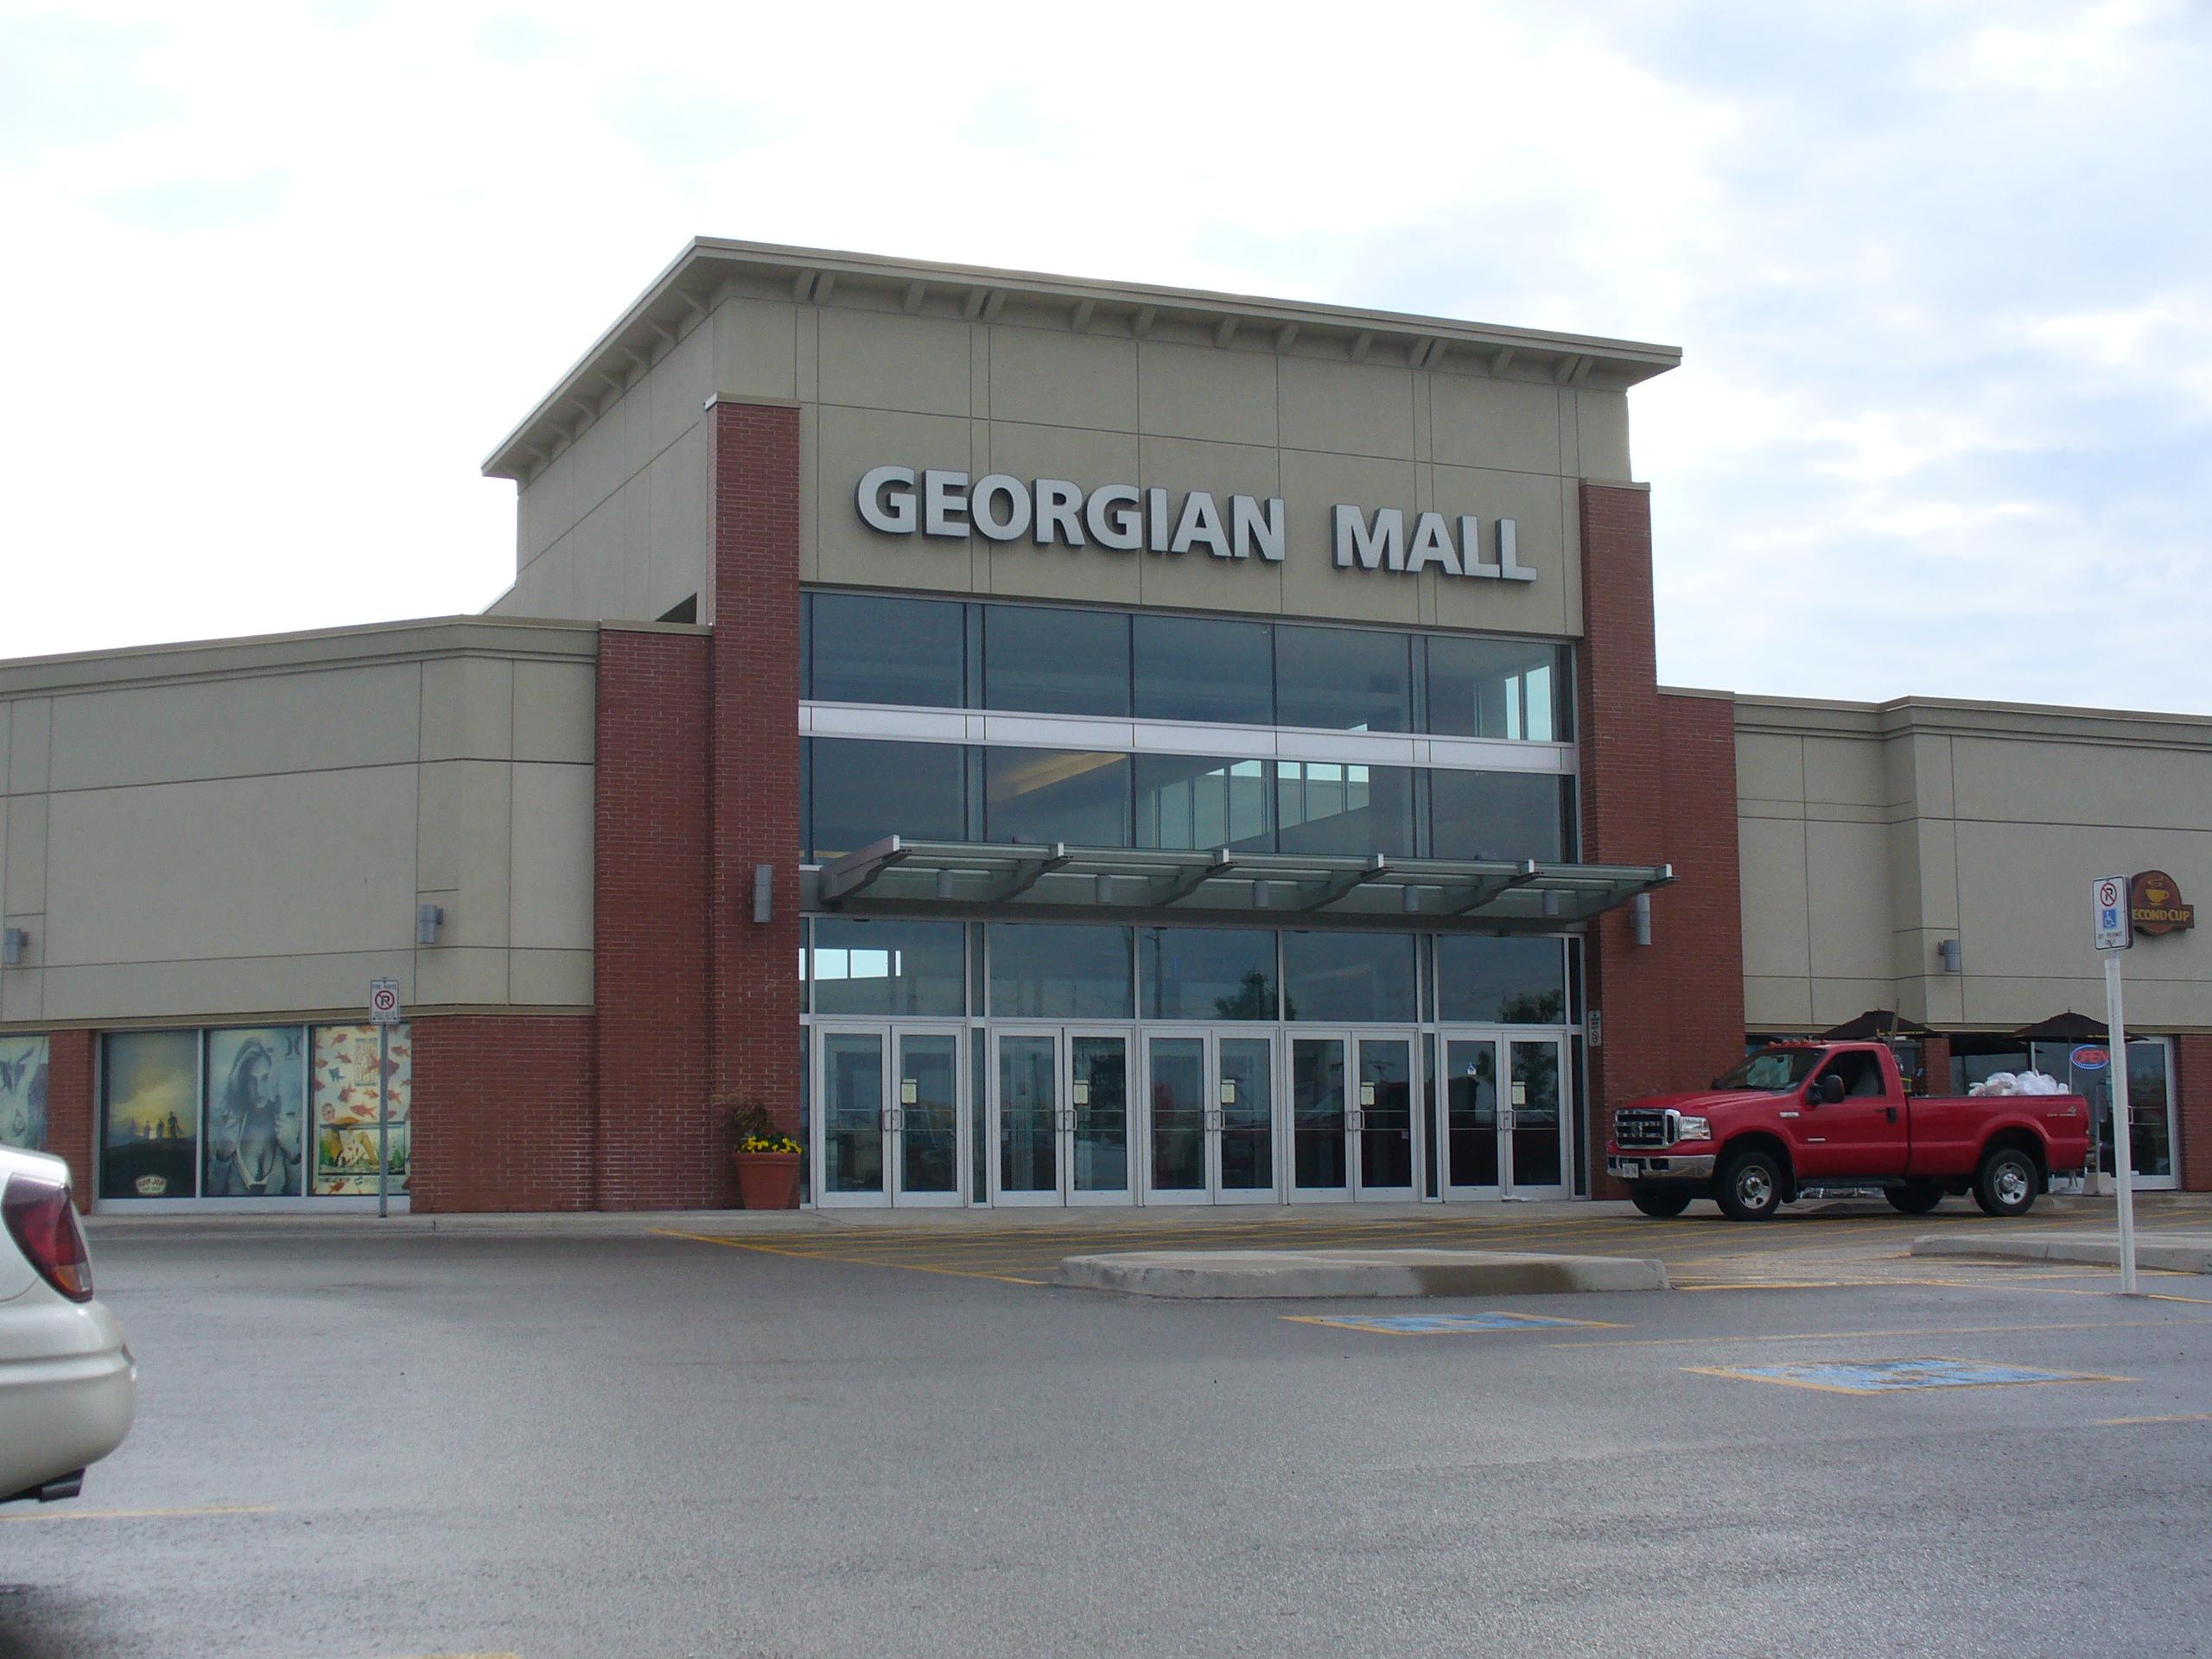 Georgian mall